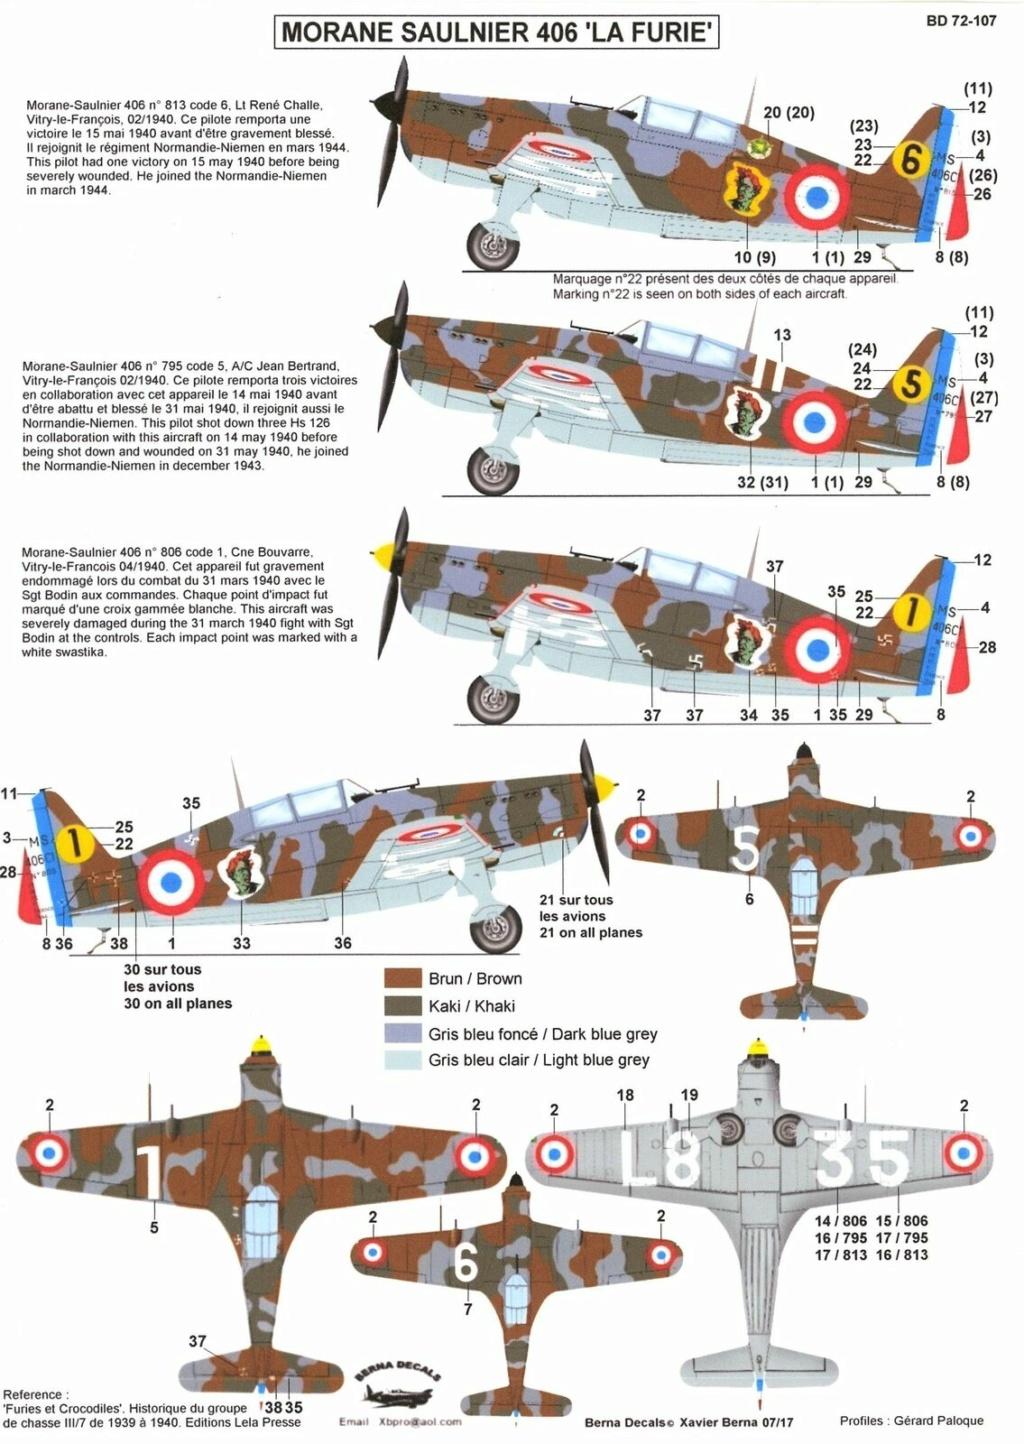 Morane Saulnier MS 406 (Azur /AB Toys 1/32) + décals Kagero Top Colors 17 S-l16025